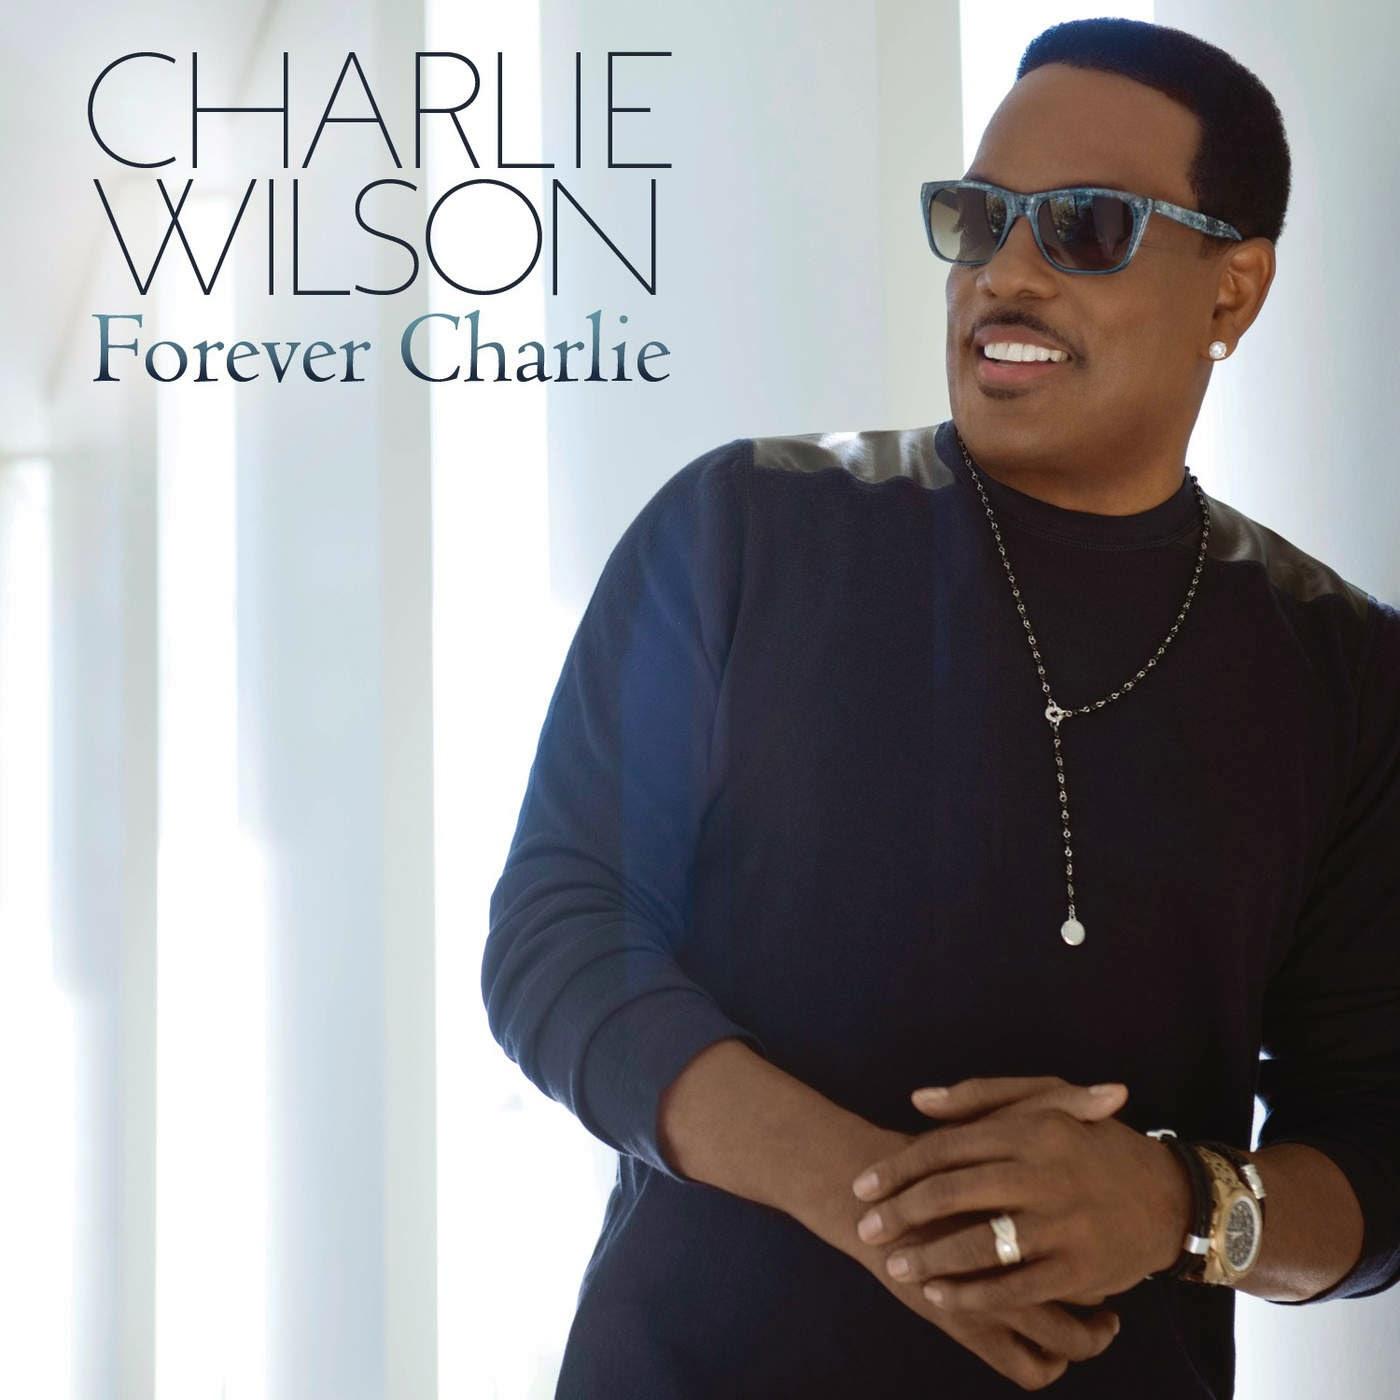 Charlie Wilson - Forever Charlie Cover